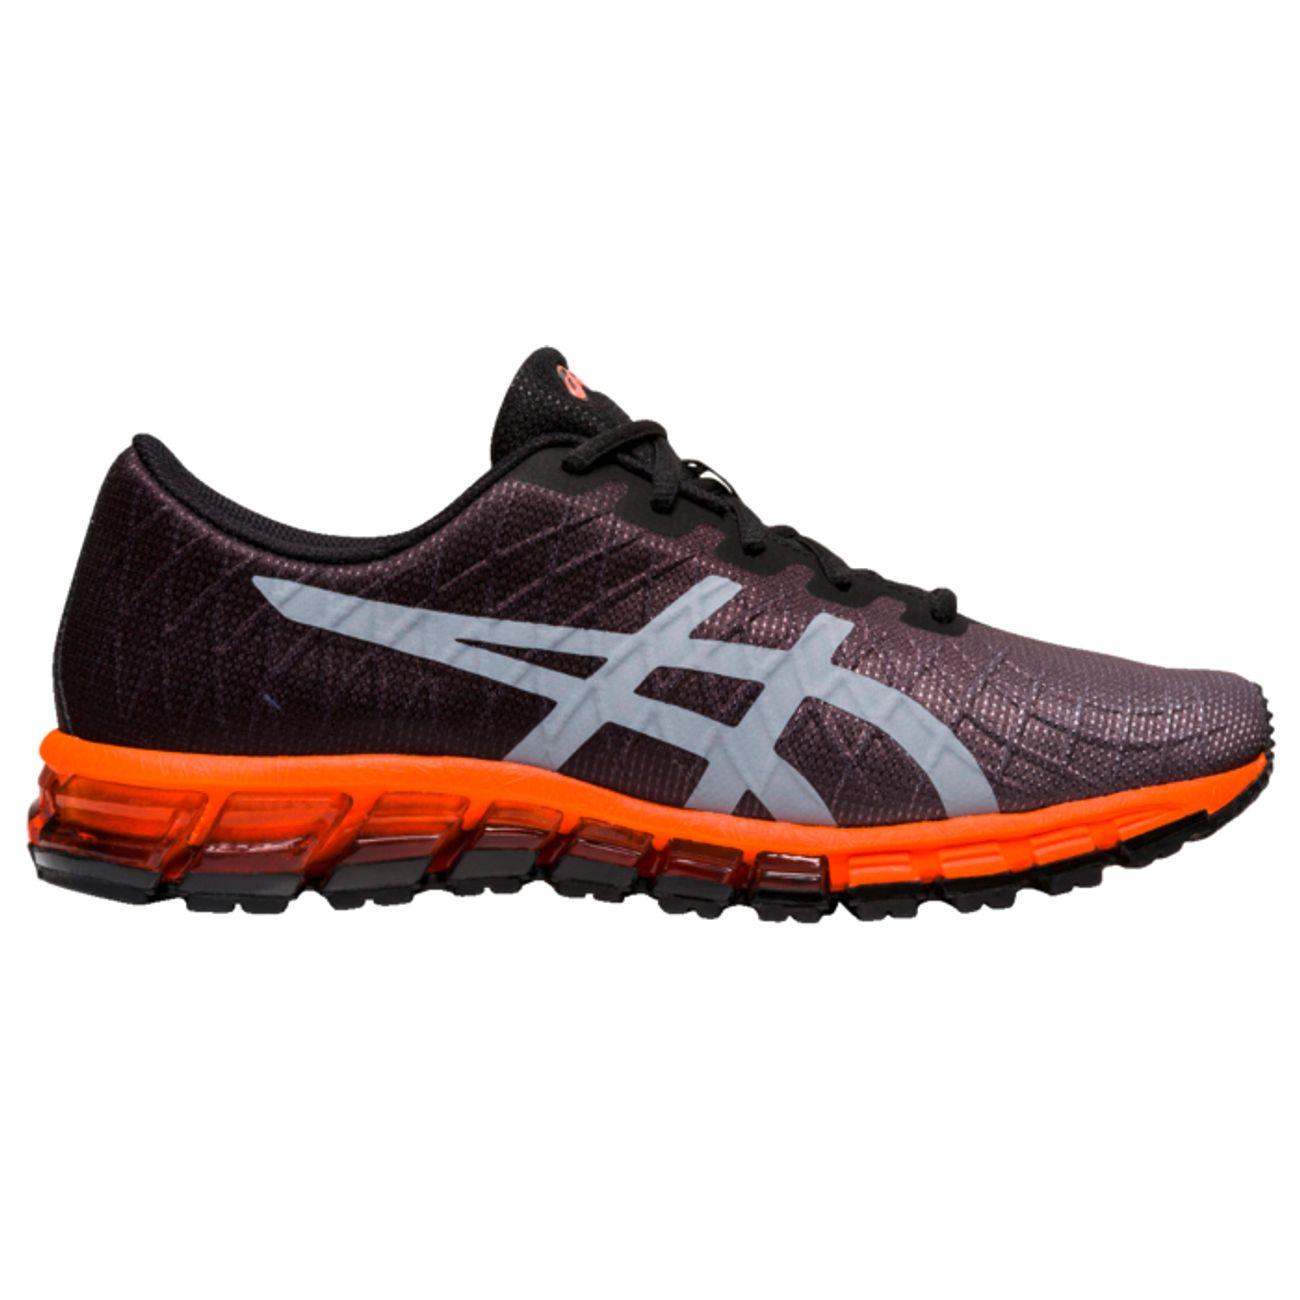 Chaussures de running Asics Gel Quantum 180 - Du 41.5 au 46 (Retrait magasin uniquement)